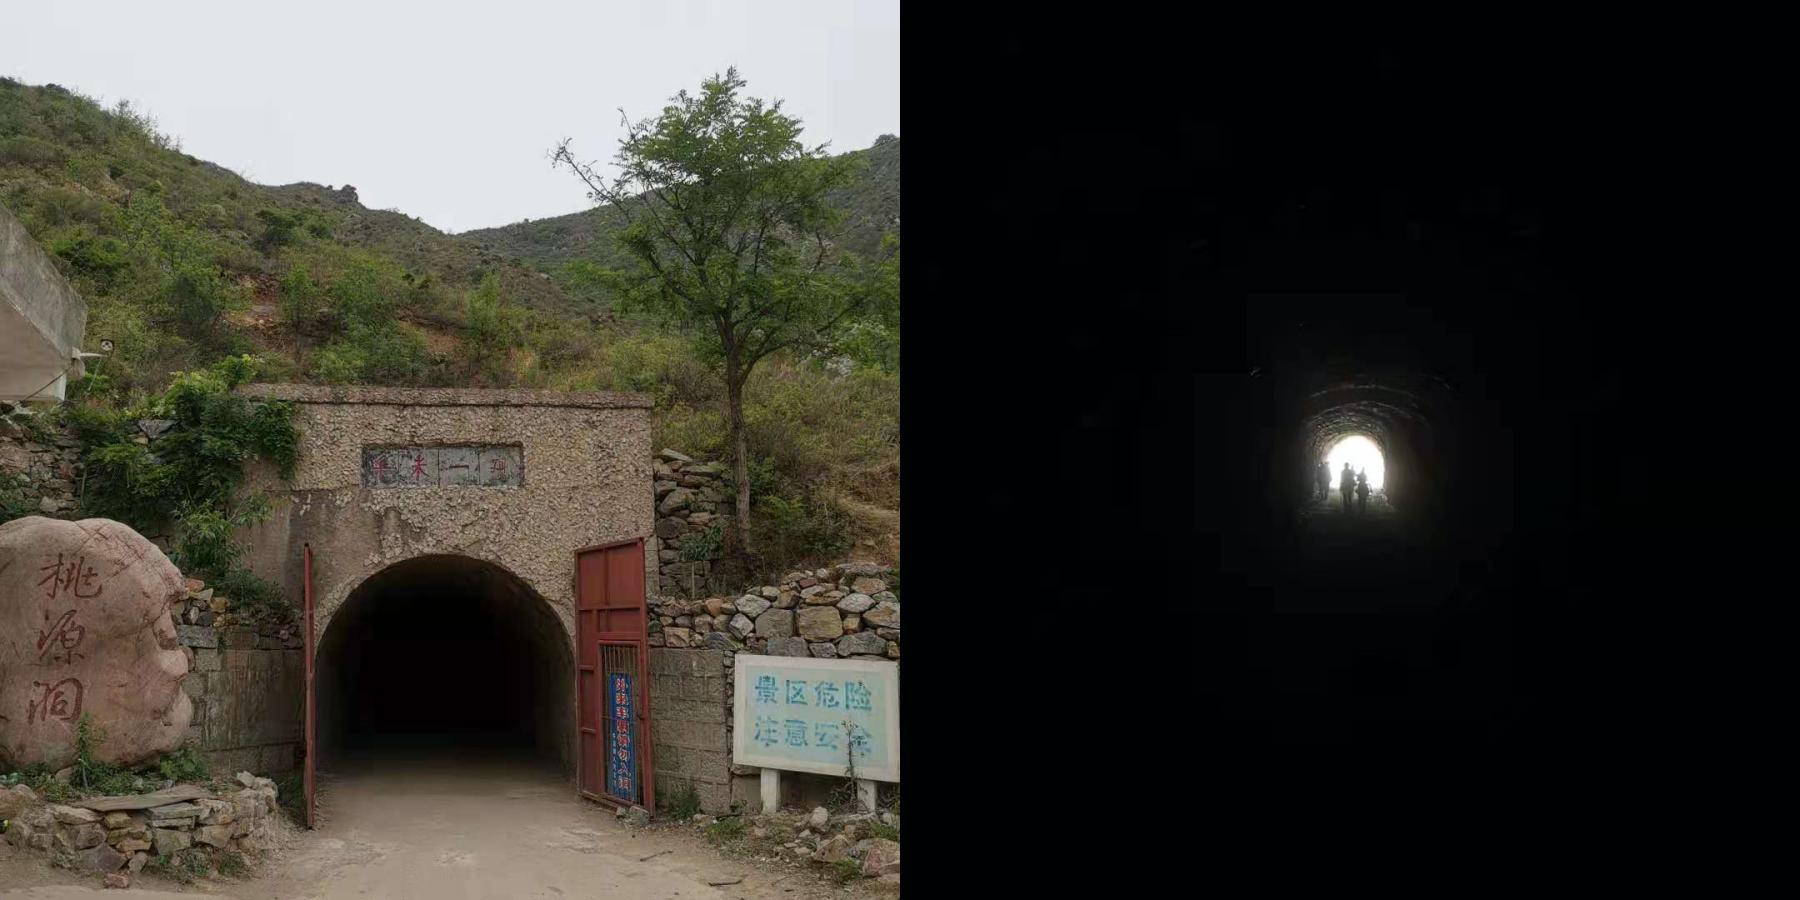 一次在完全漆黑的隧道步行一公里的经历。罗菲,河南新密桃源洞,2019。